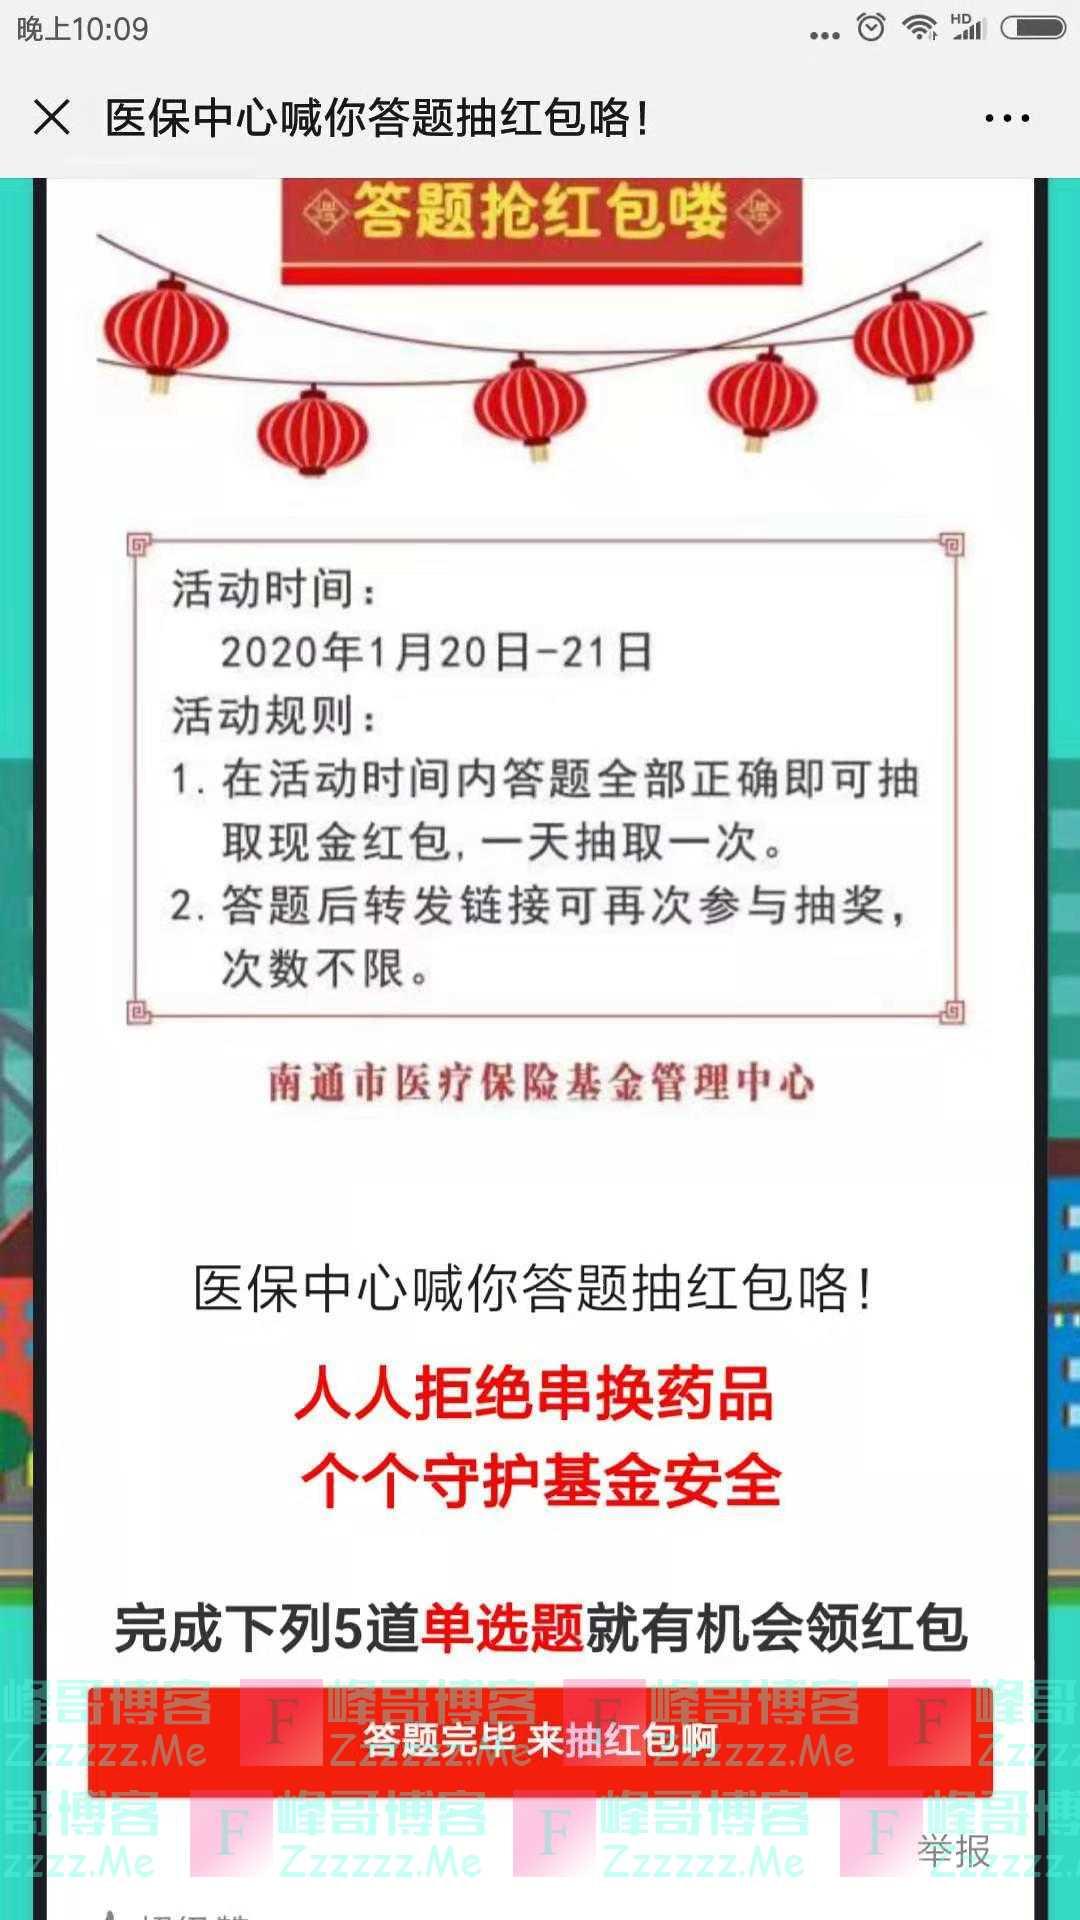 南通市医保中心答题抢红包(截止1月21日)